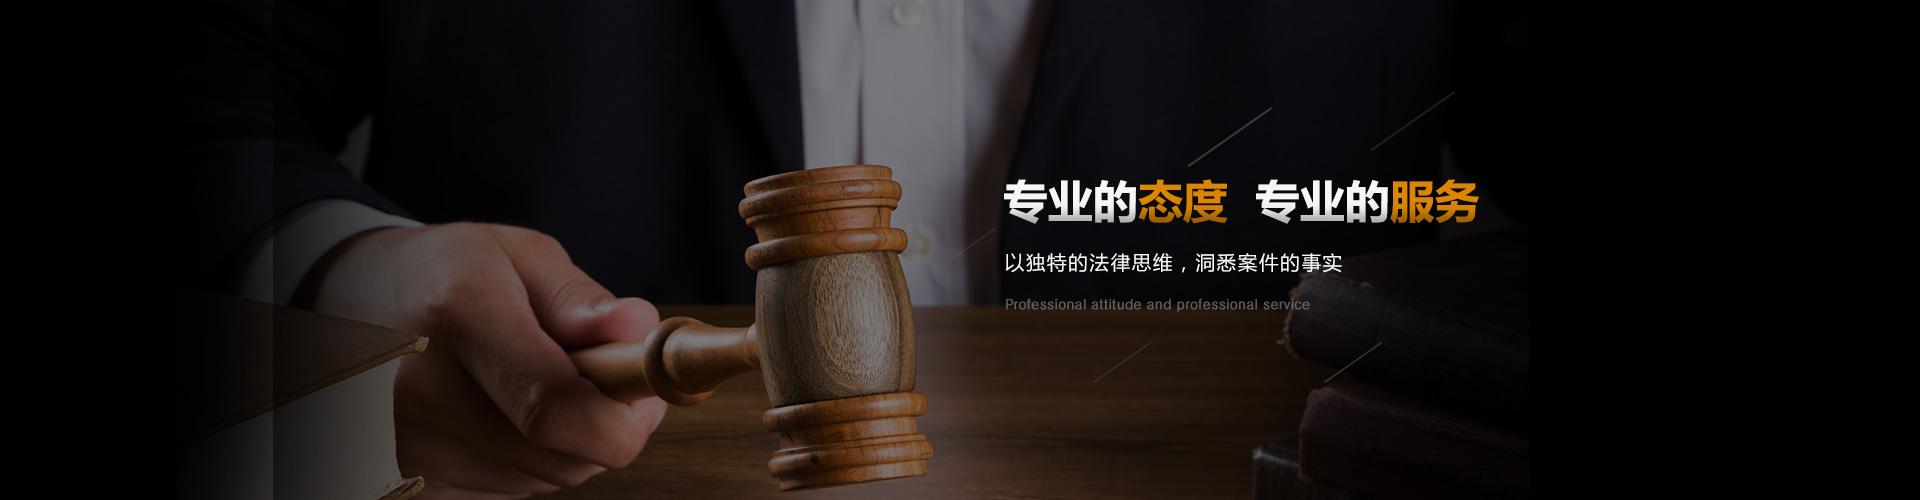 上海婚姻律师咨询联系13761477738汤容滨律师